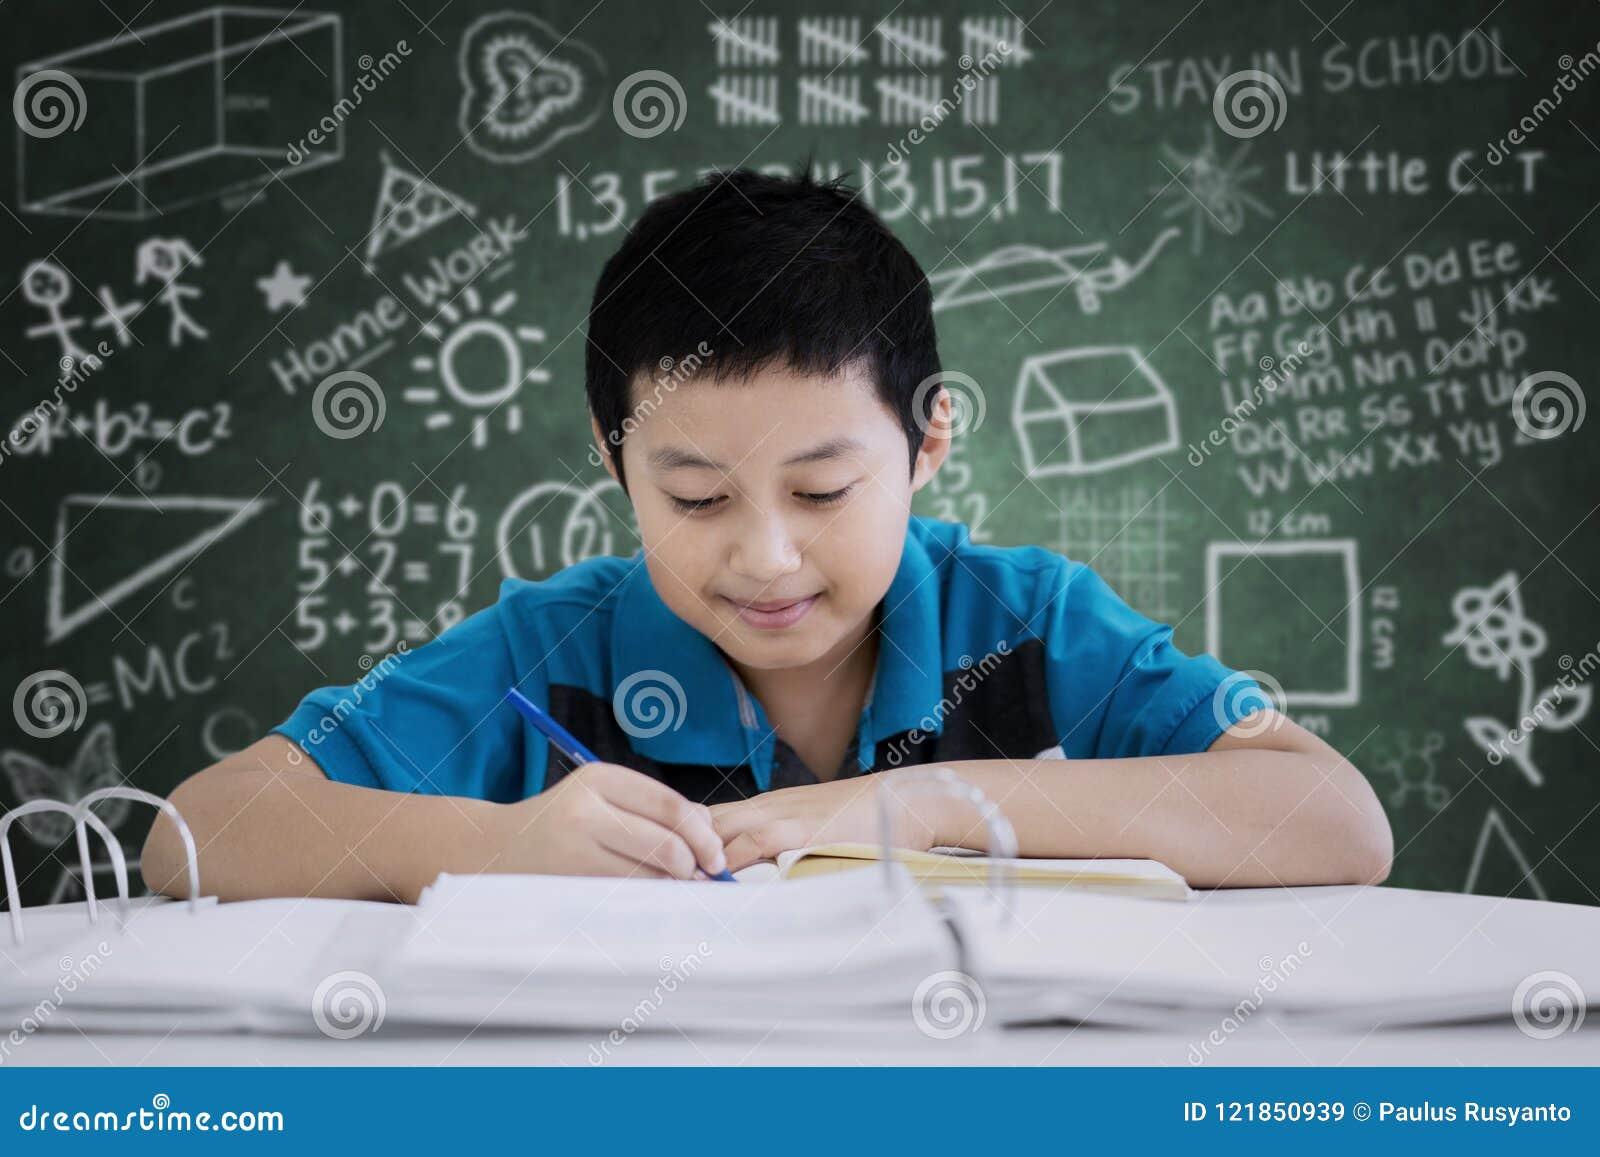 Écriture de la préadolescence belle de garçon dans la salle de classe